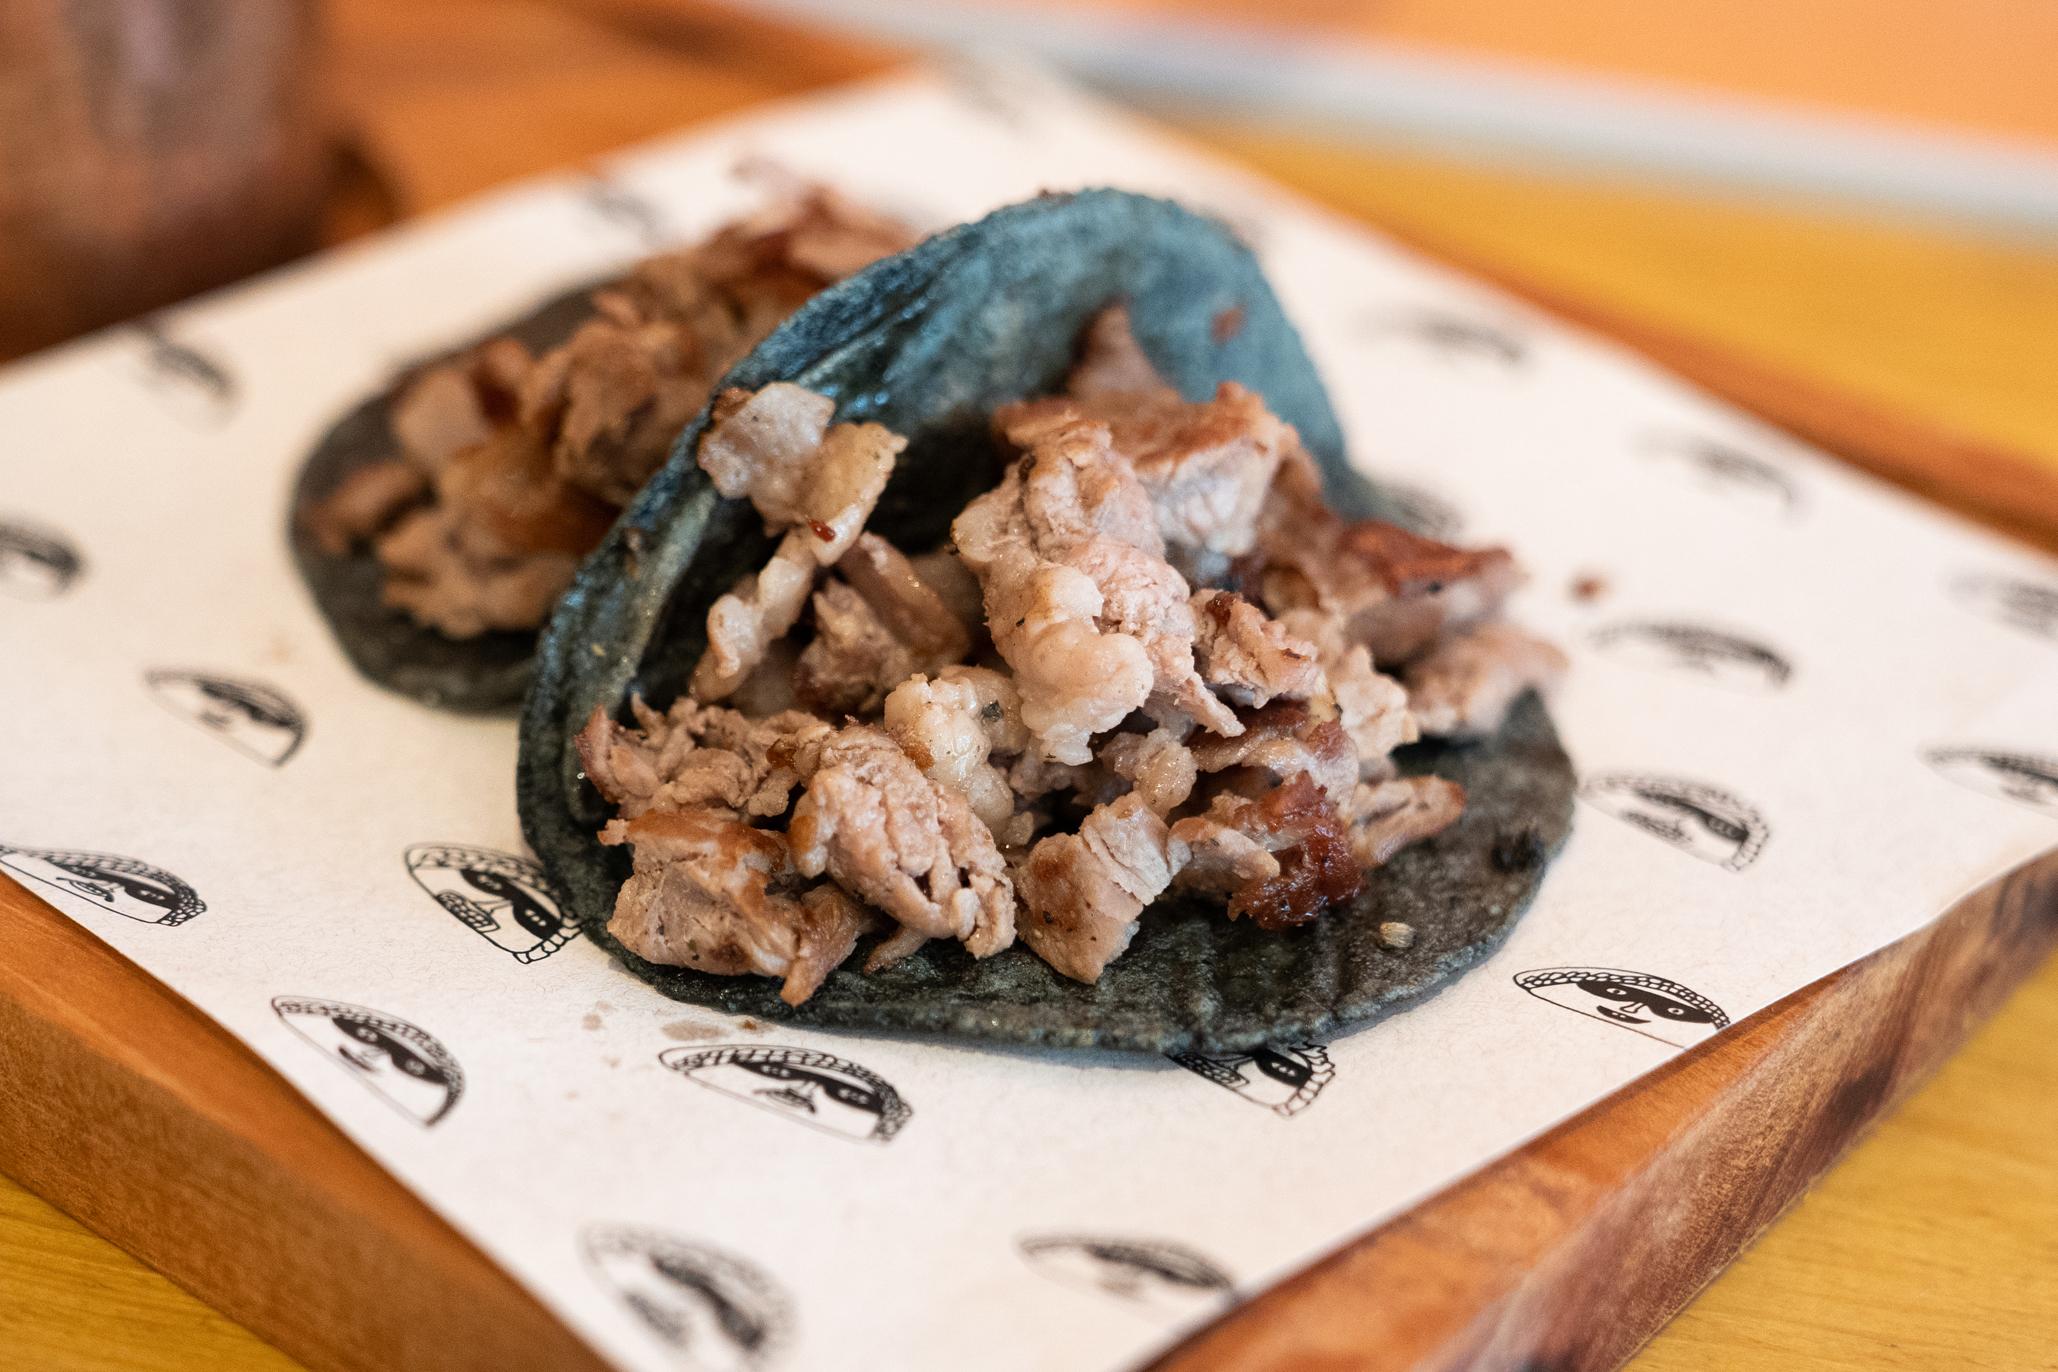 Los Villanos, taquería de tacos al pastor de carbón en Polanco